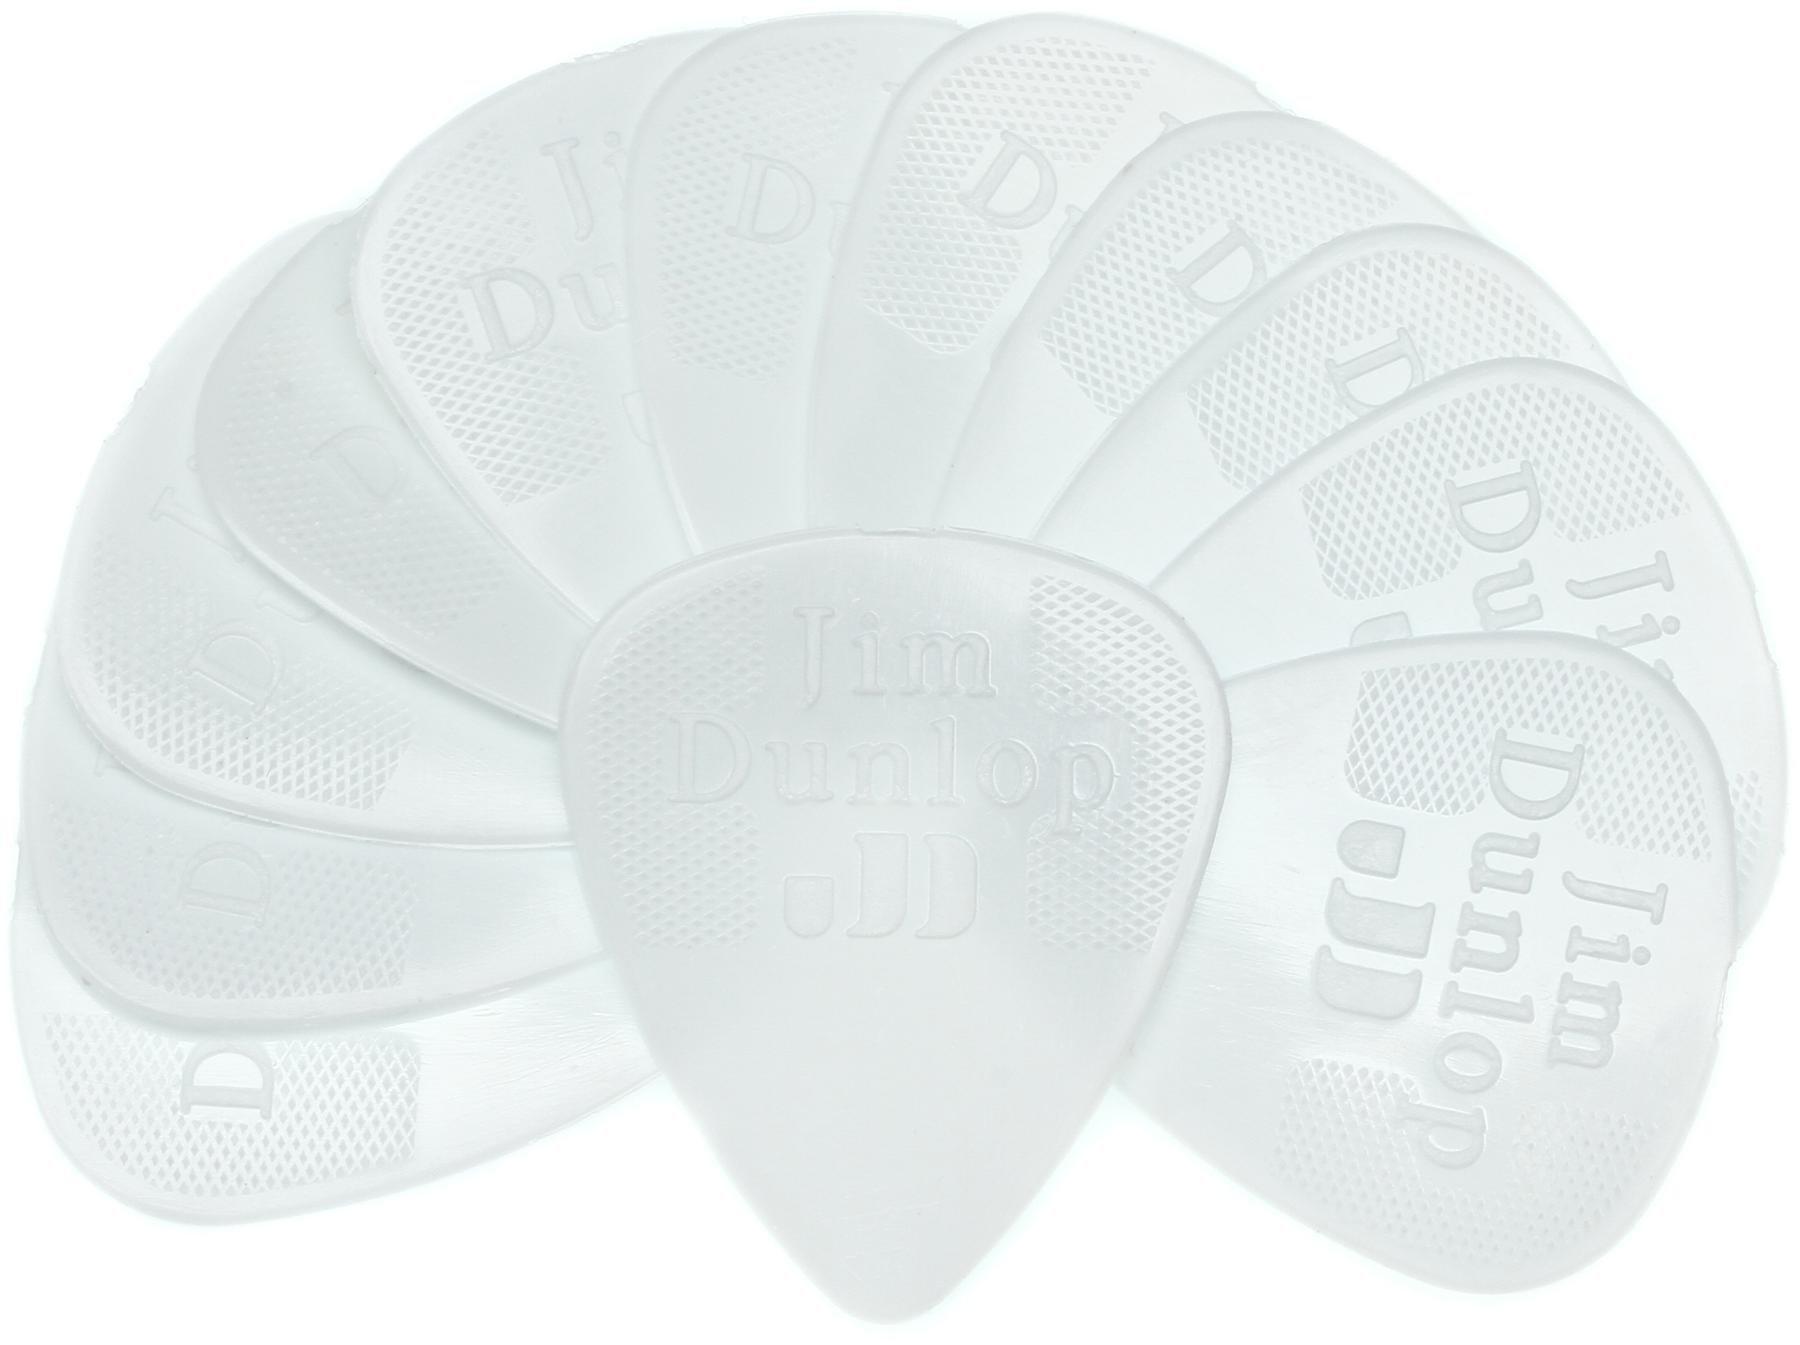 Dunlop 44P38 Nylon Standard 38mm White Guitar Picks 12 Pack Image 1